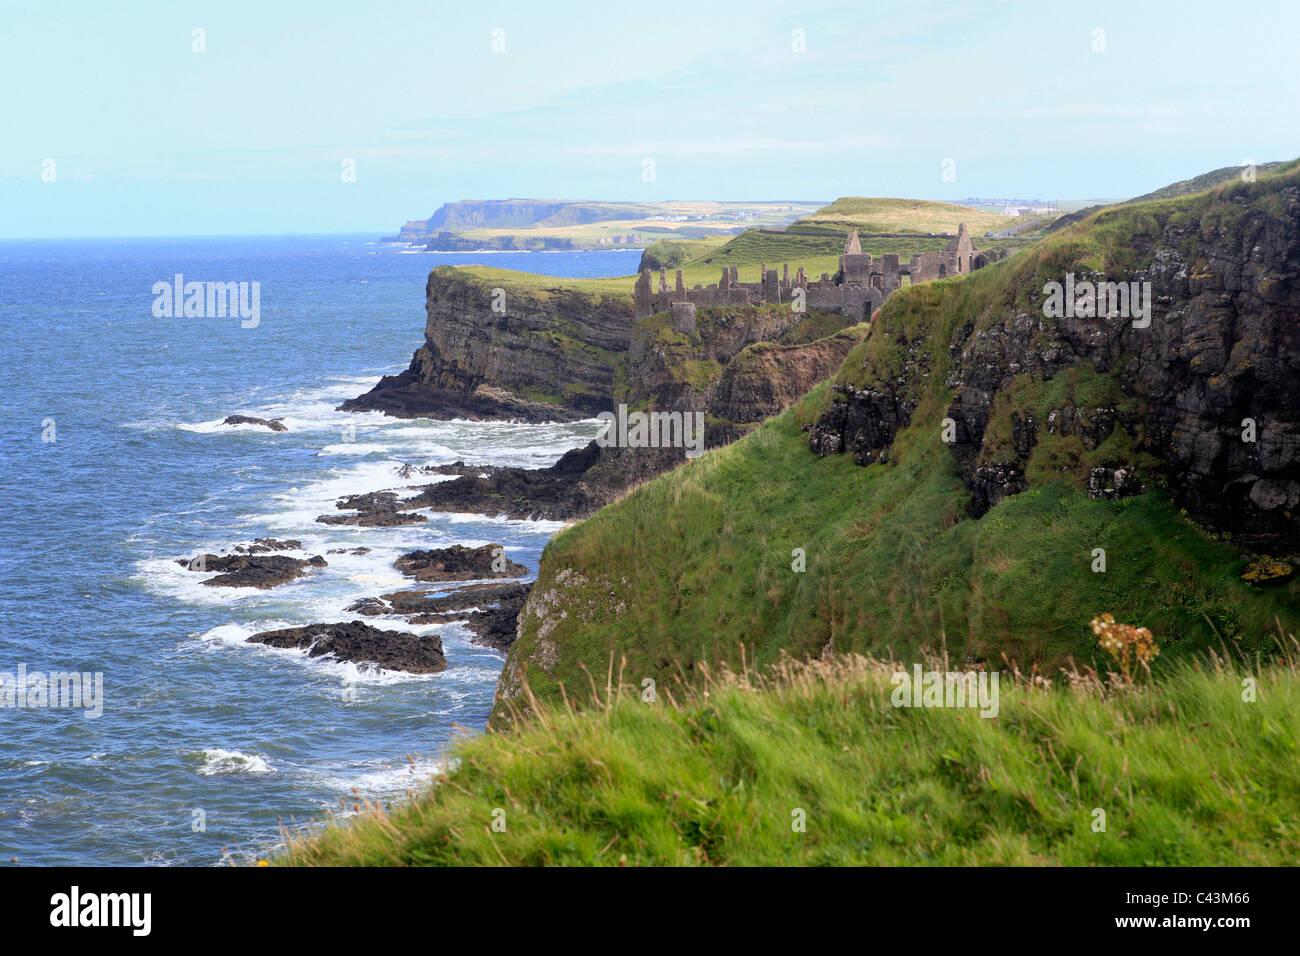 Eire, Europe, European, Ireland, Irish, Western Europe, travel destinations, Landscape, nature, Mountain, mountains, mount, moun Stock Photo